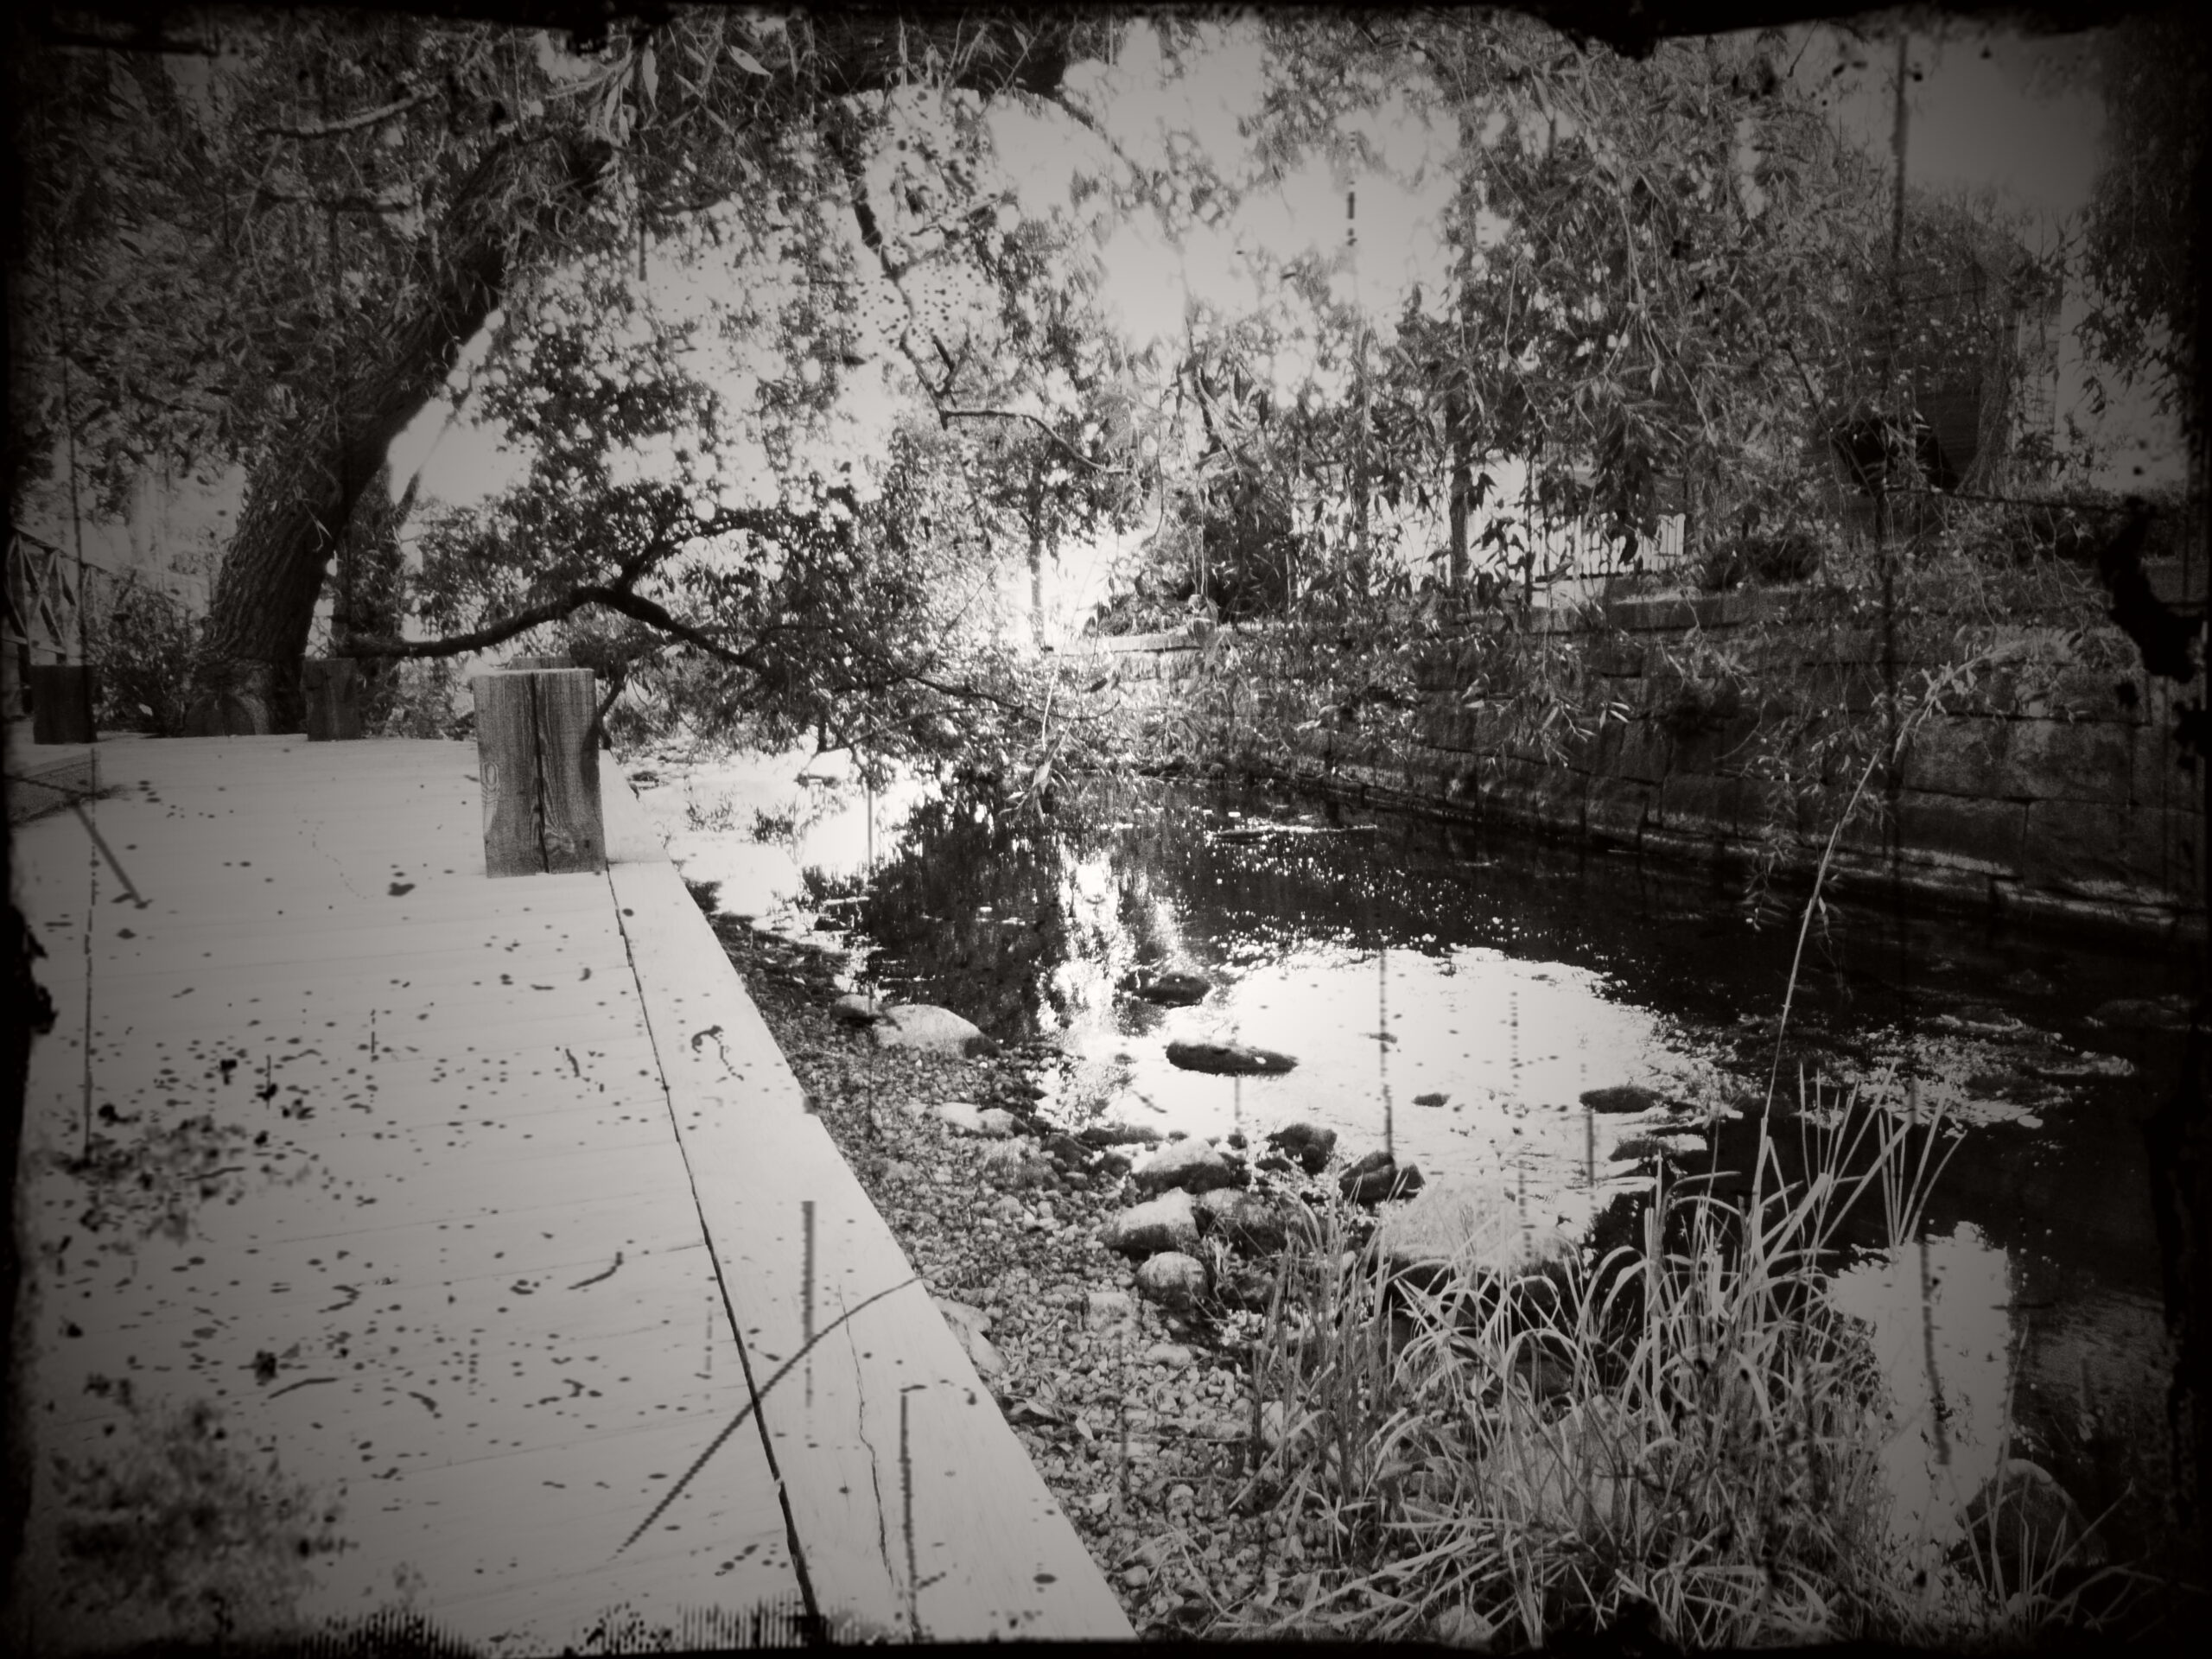 Stilla flyter ån fram…